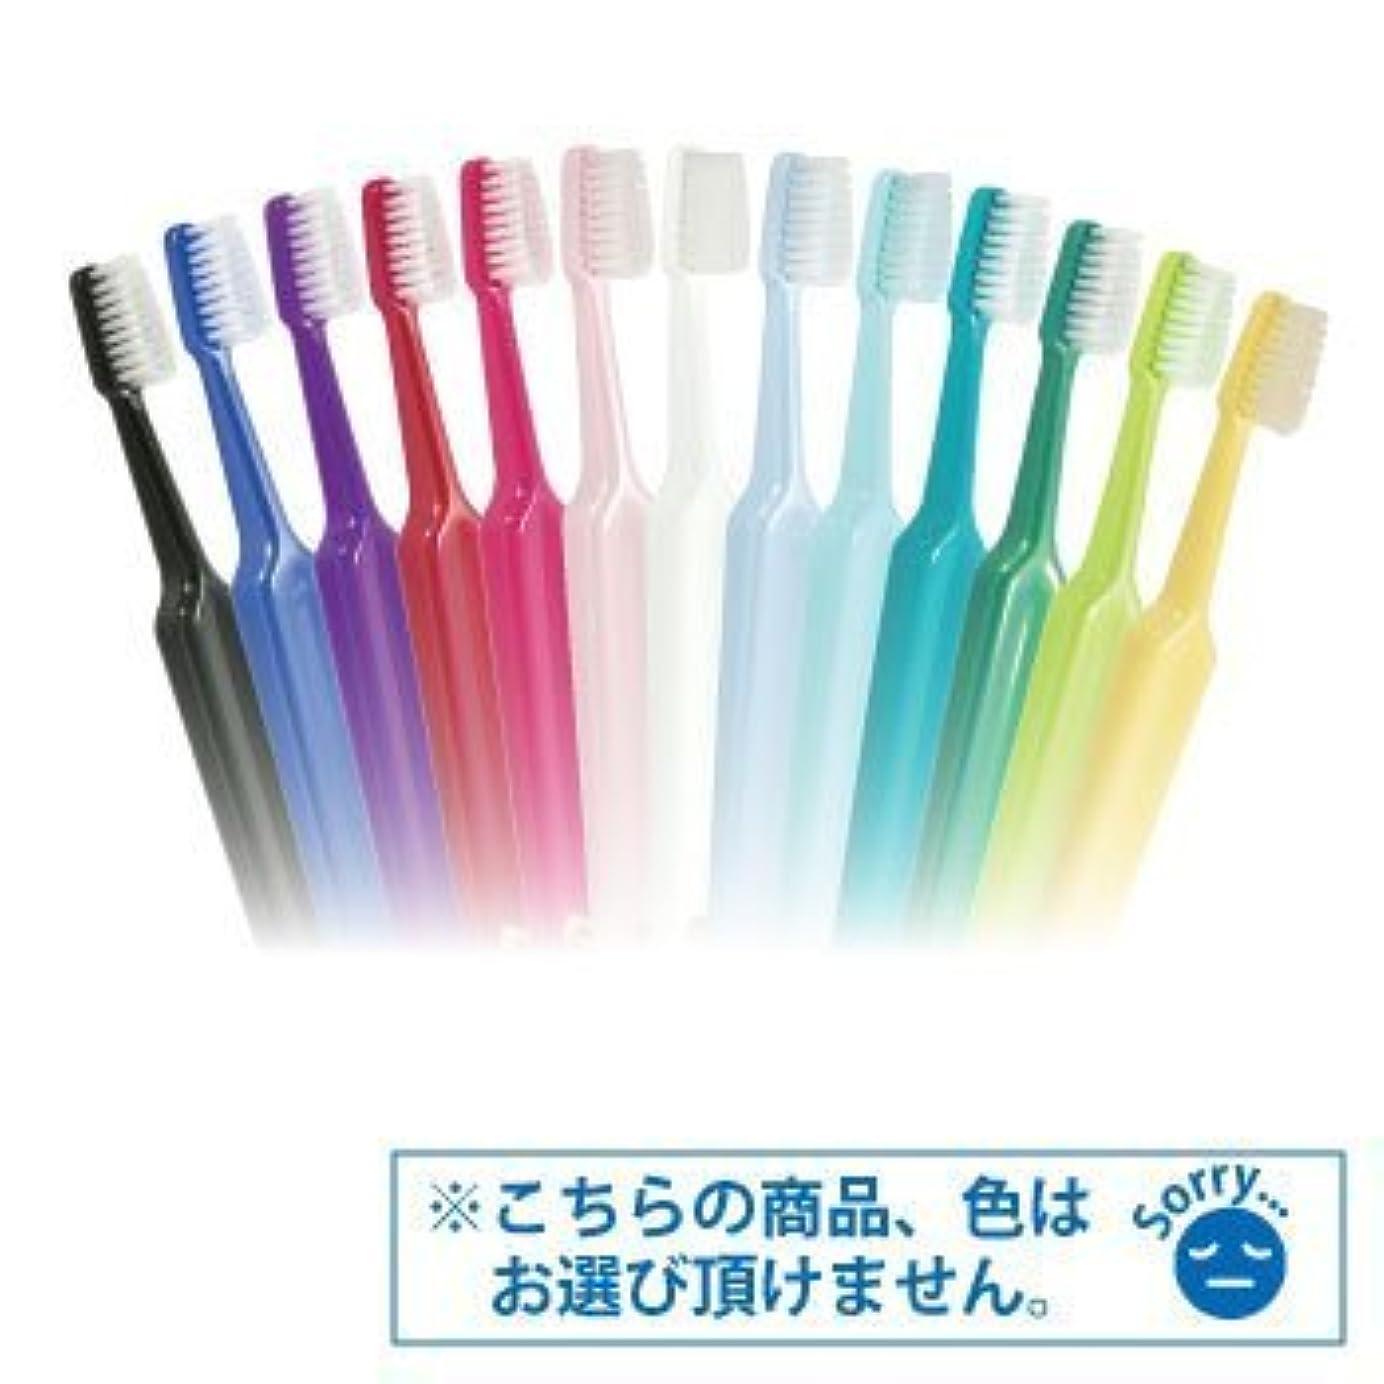 いちゃつくしっかり不確実Tepe歯ブラシ セレクトコンパクト /ソフト 30本入り